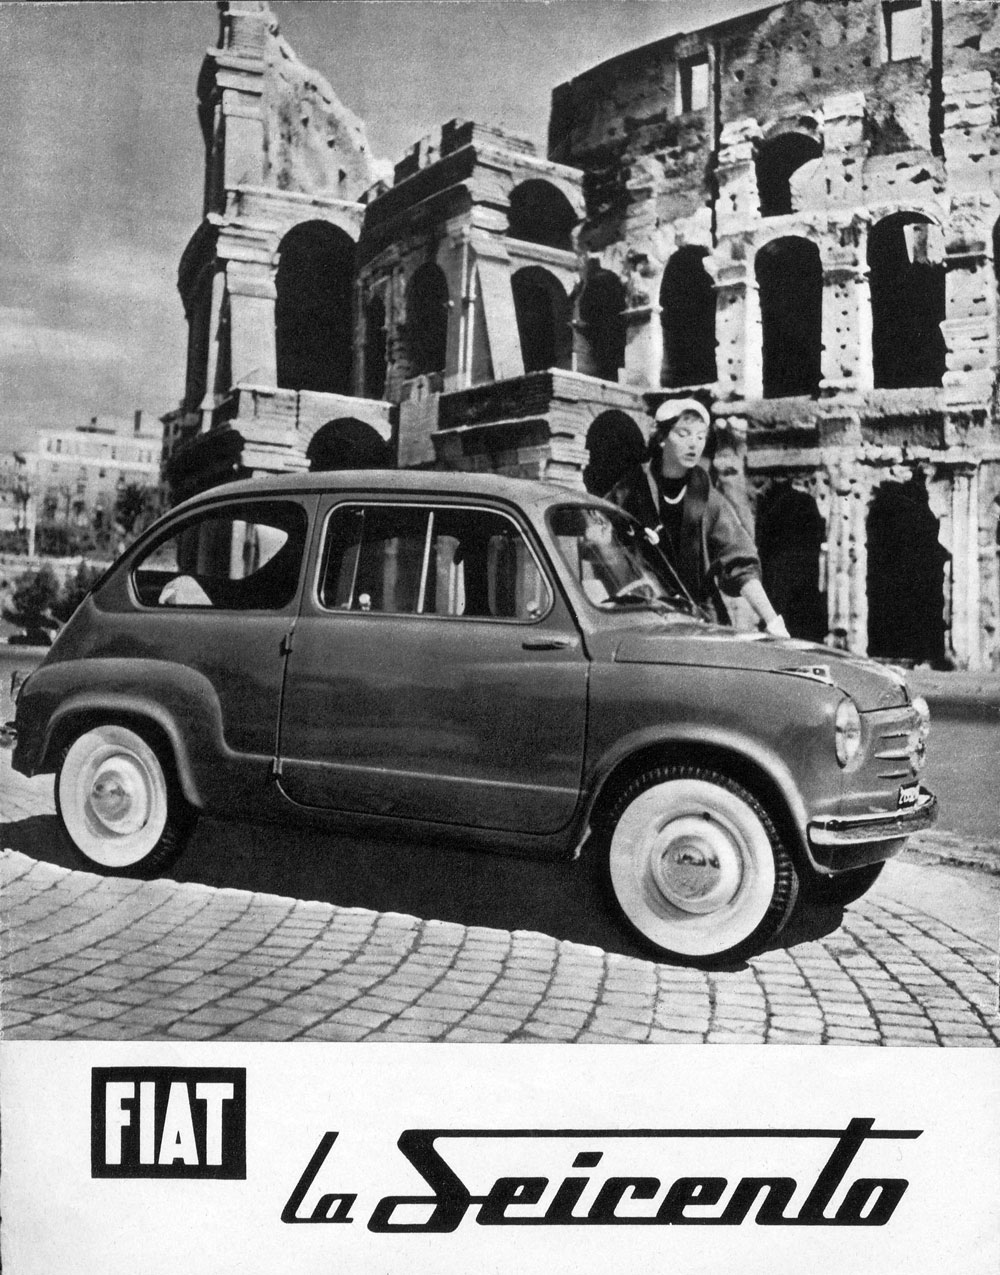 Pubblicità della FIAT 600 sulla rivista Settestrade di maggio 1955 (fonte: ACI)